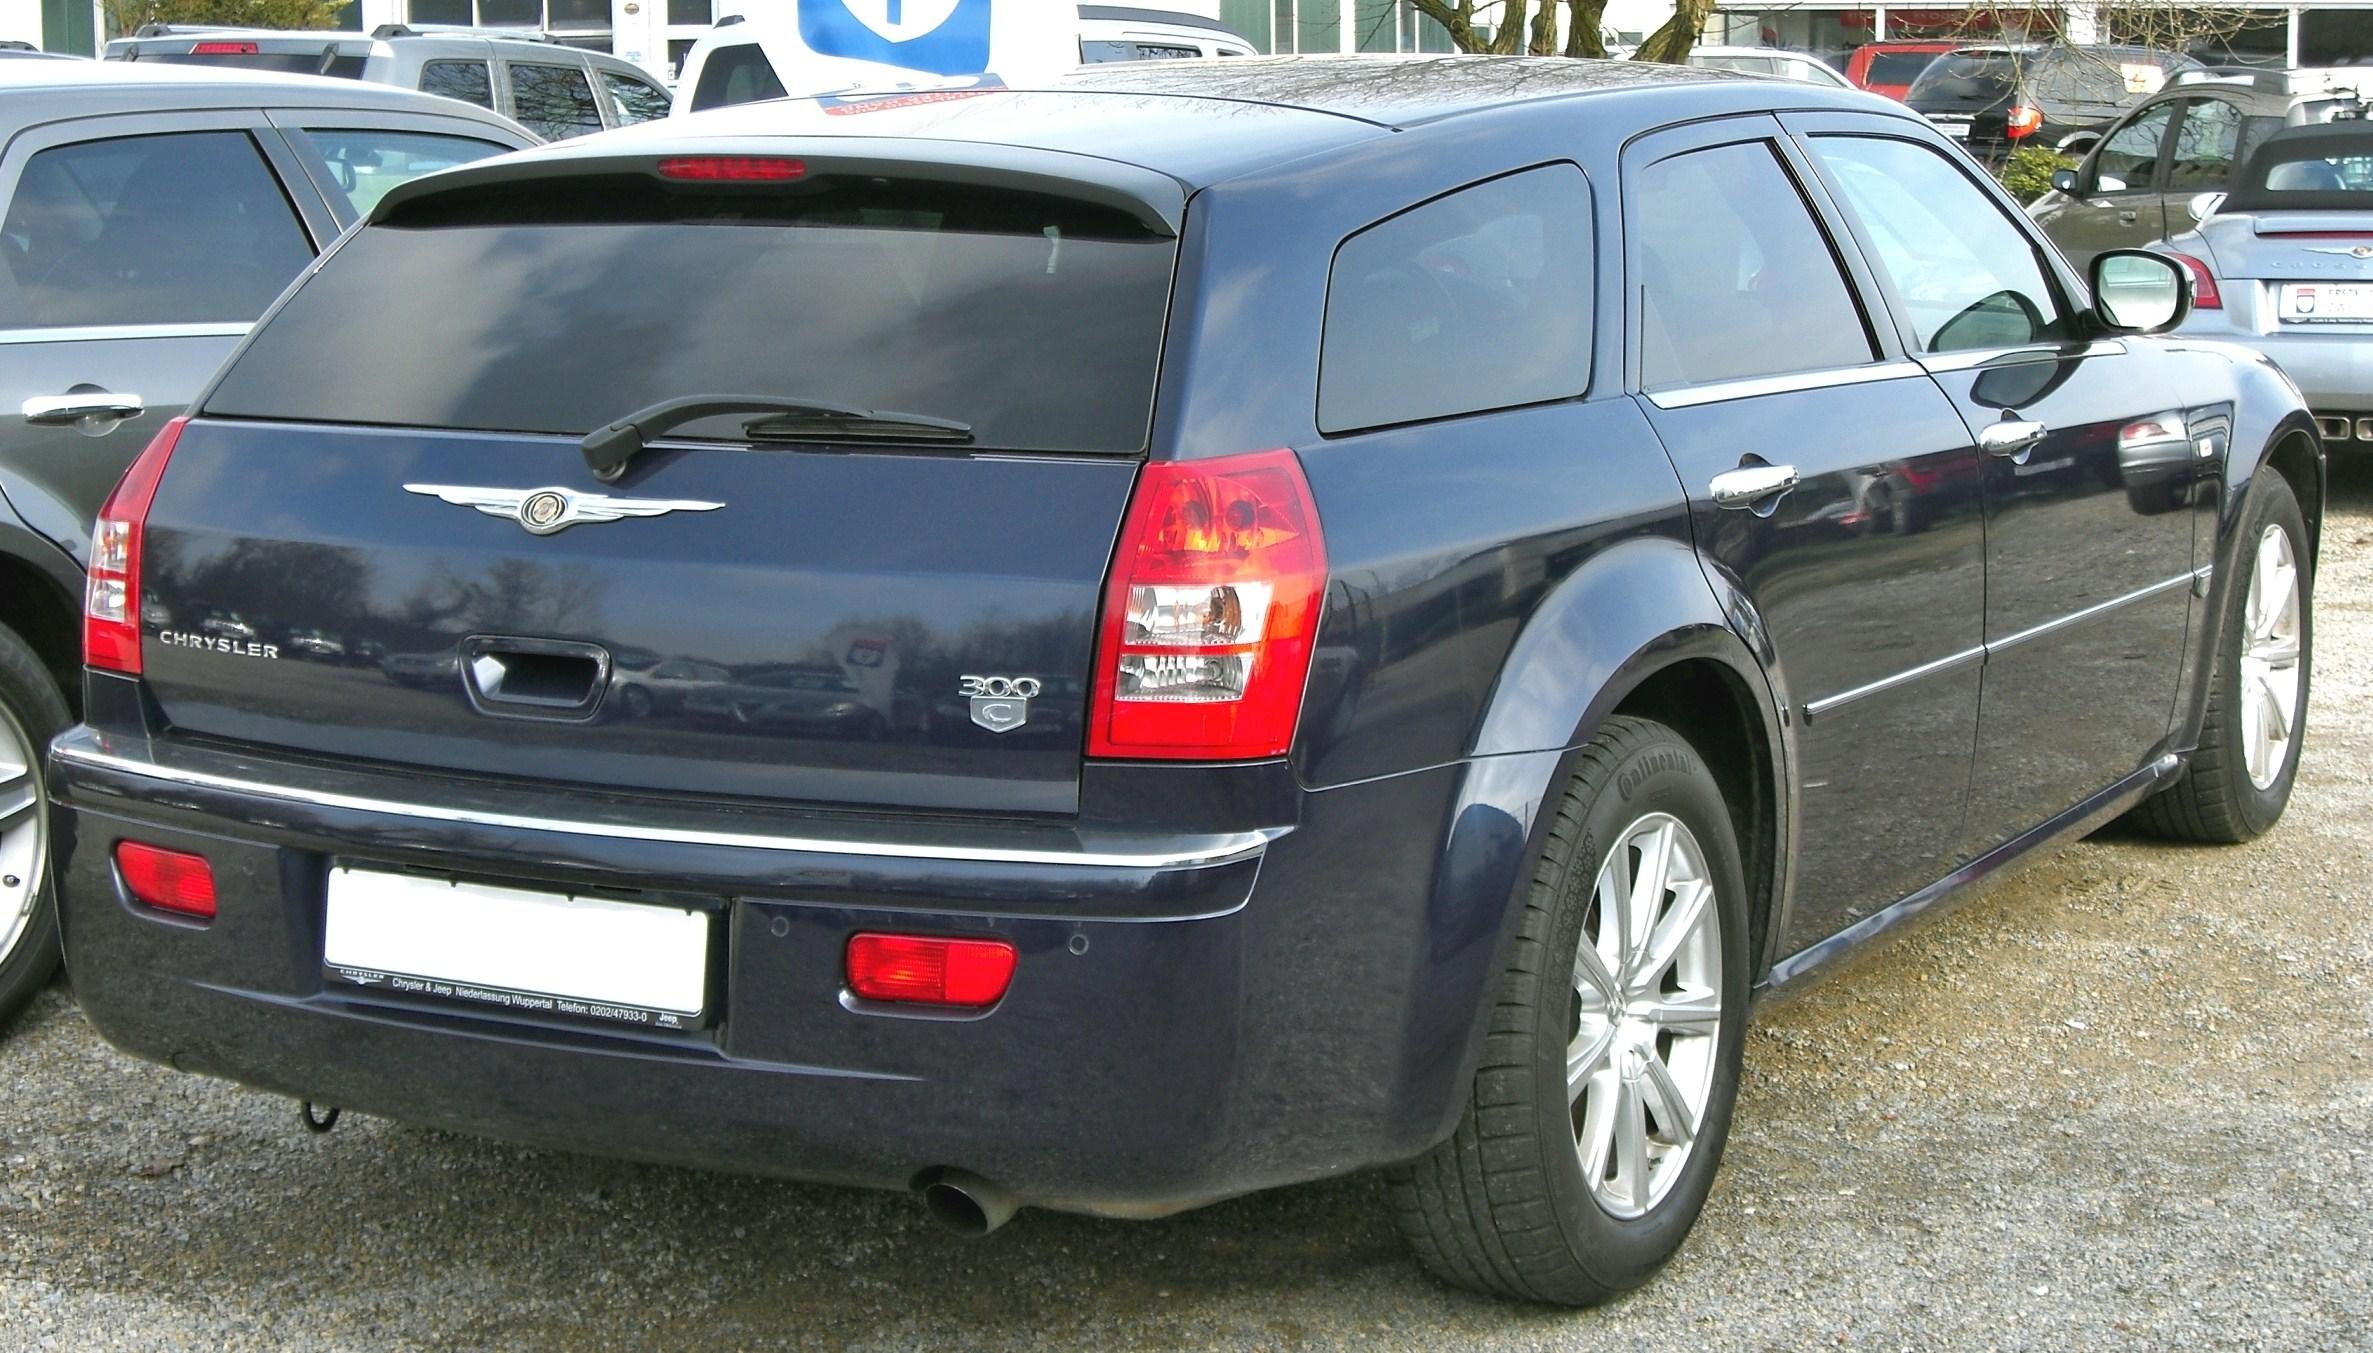 File:Chrysler 300C Touring 20090301 rear.jpg - Wikimedia Commons